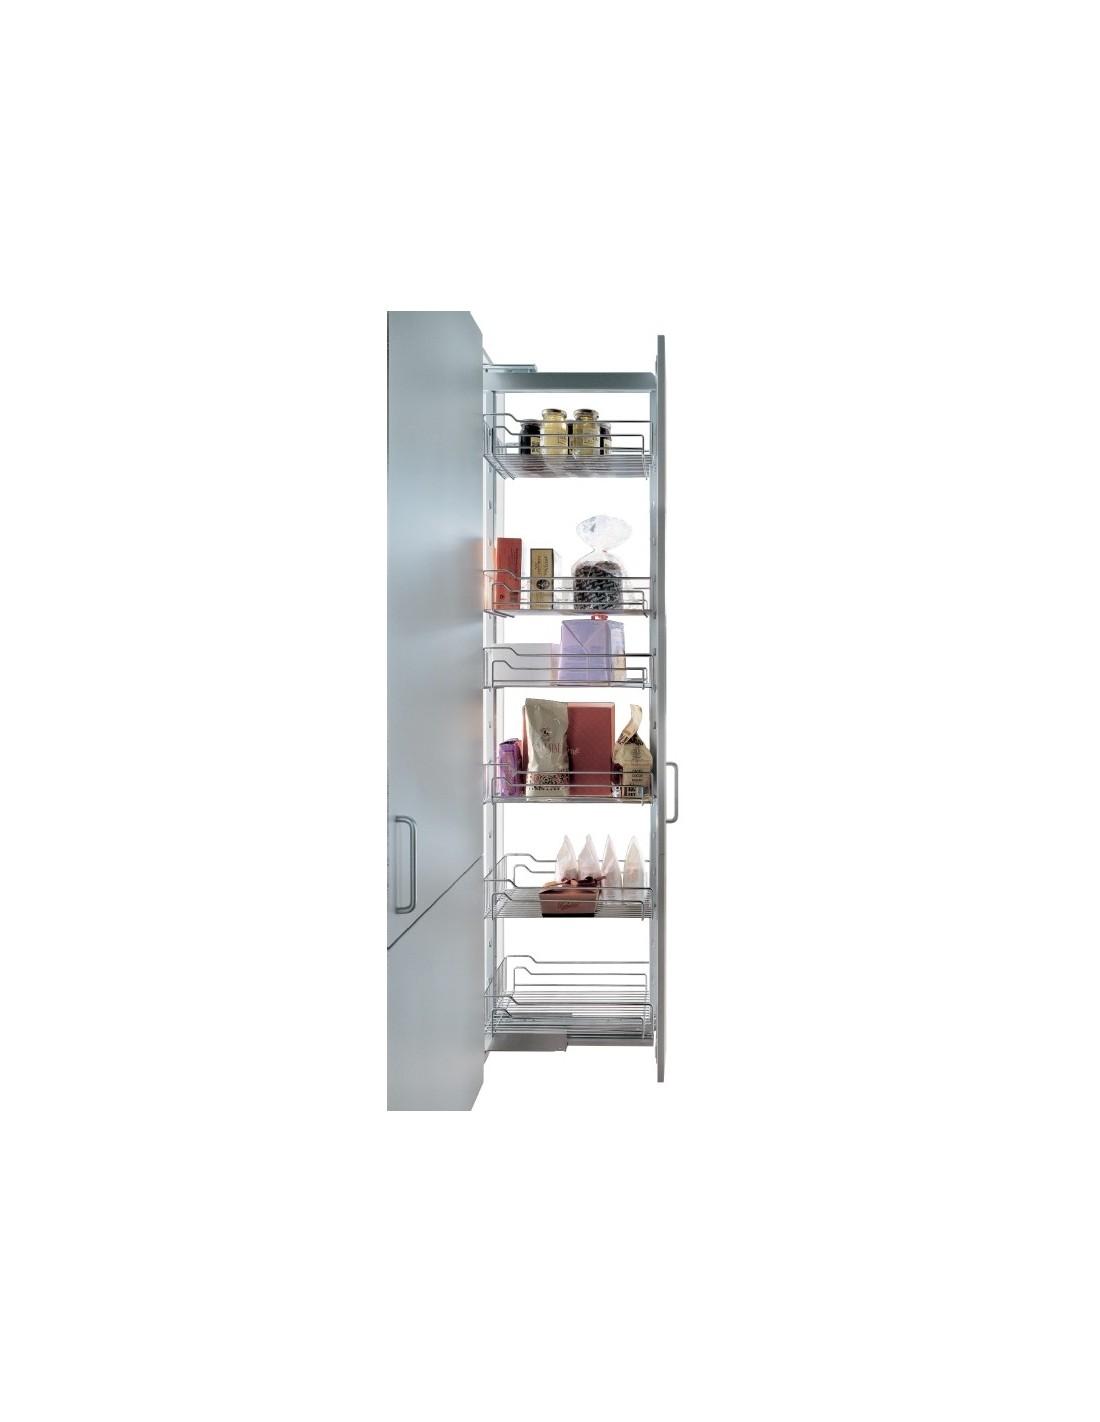 Rangement Pour Garde Manger unité de 5 paniers clipsables pour garde-manger - rangement de cuisine  dimension meuble de 300mm